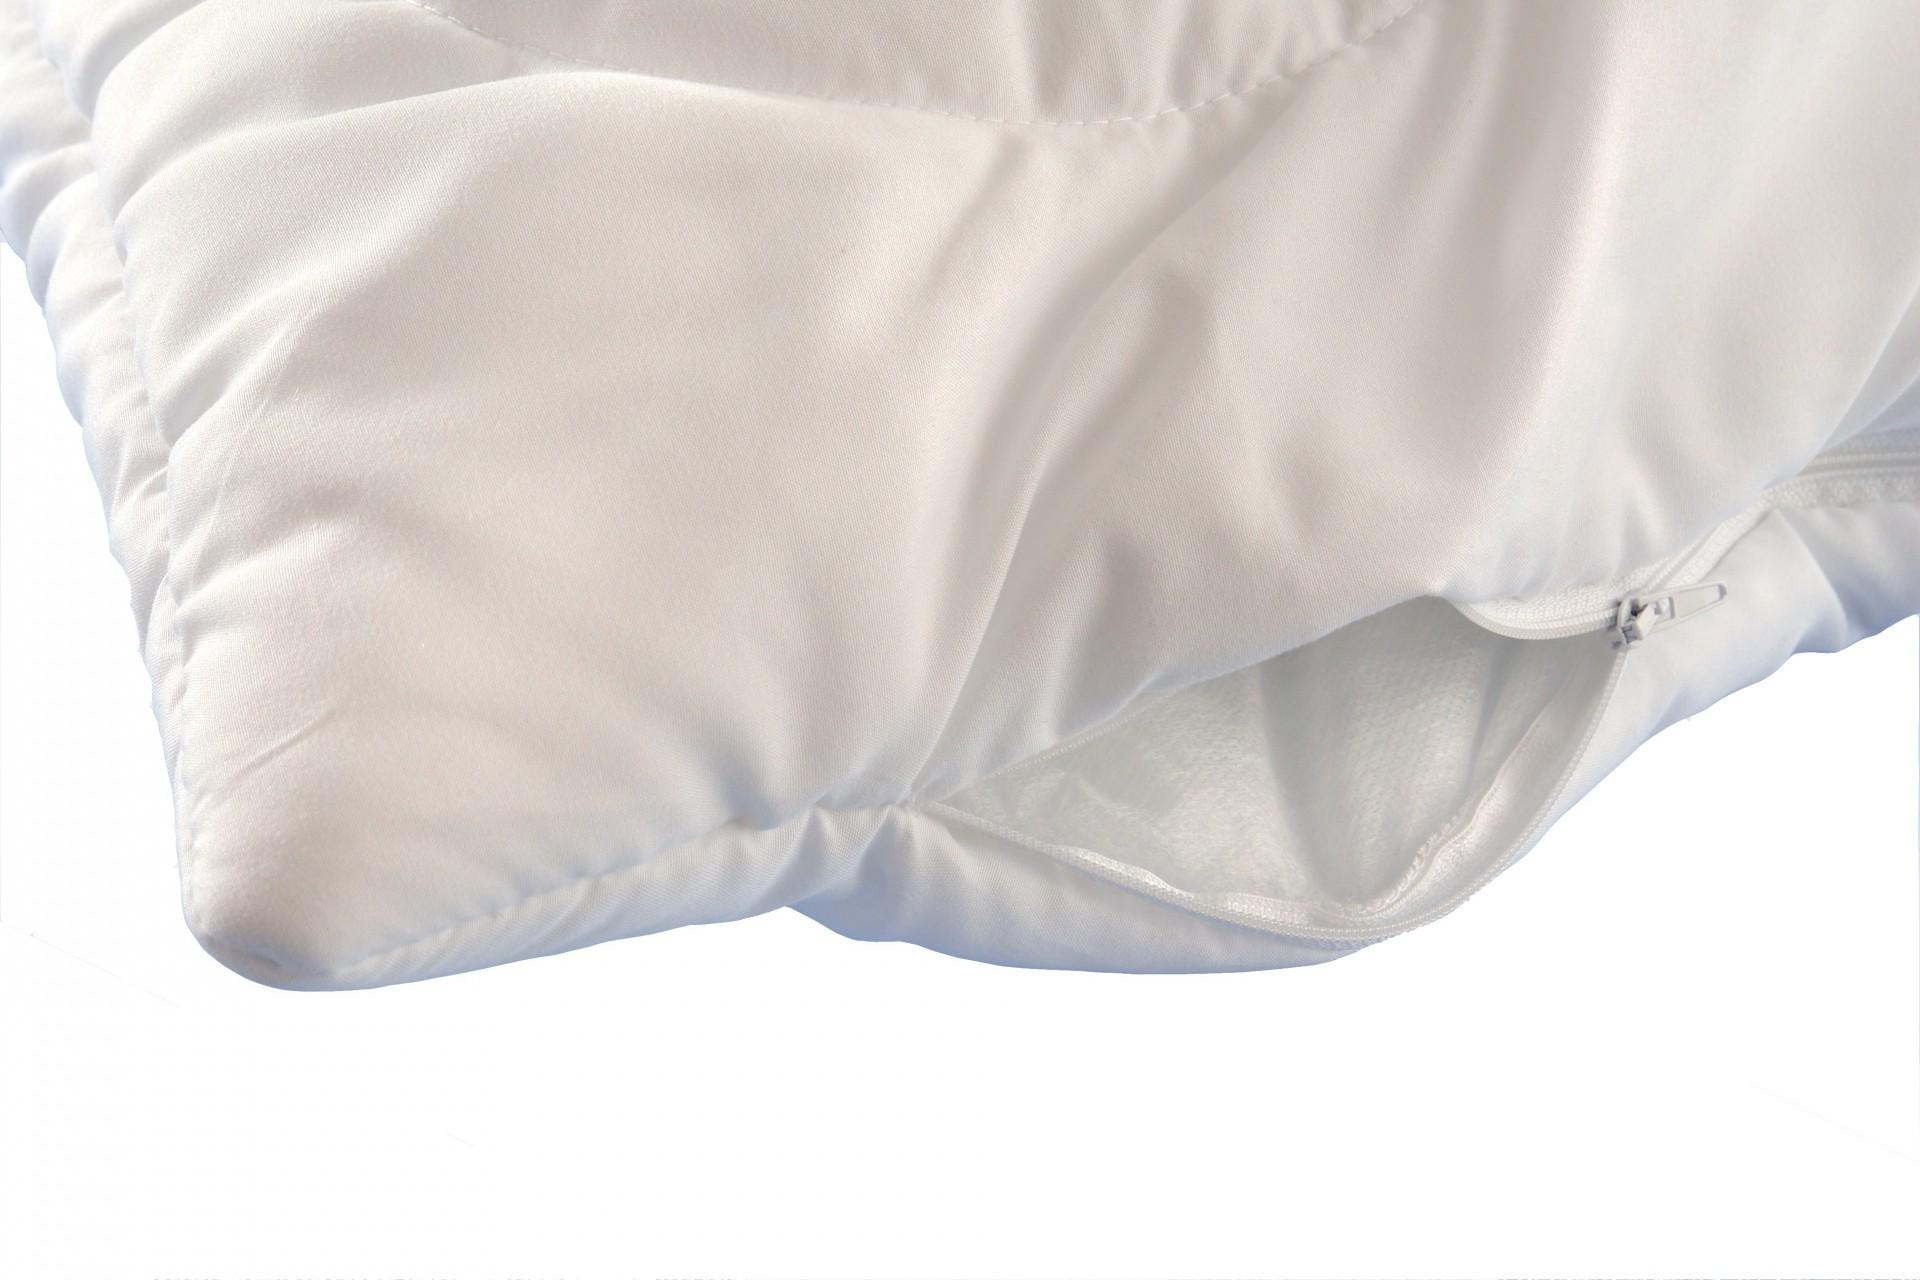 Korpus polštář prošívaný 70x90cm zip - bez výplně bílý